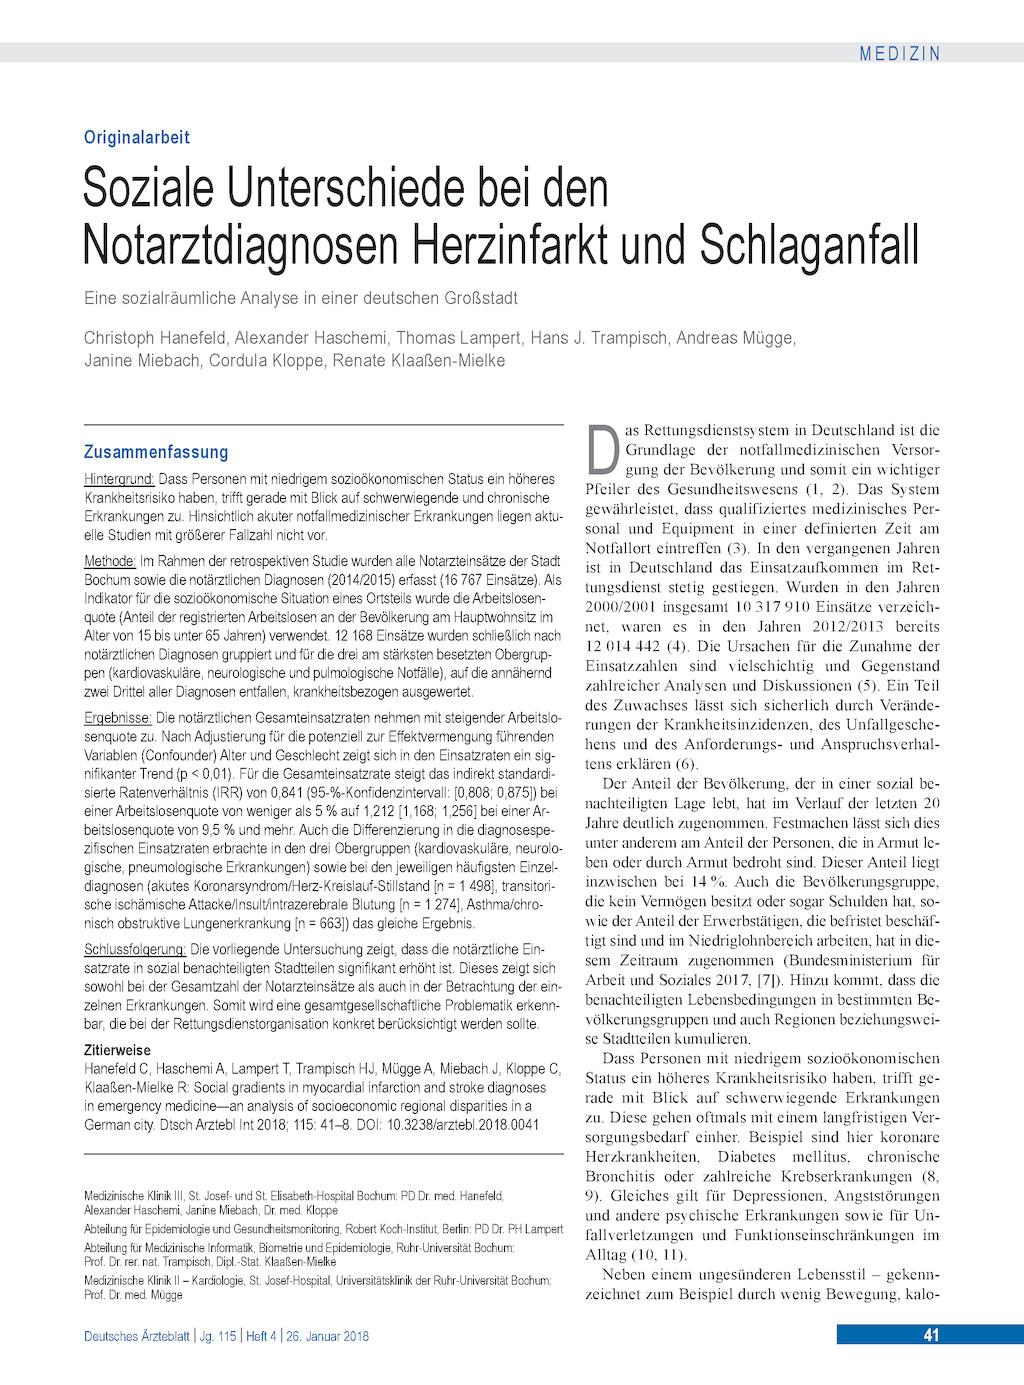 Soziale Unterschiede Bei Den Notarztdiagnosen Herzinfarkt Und